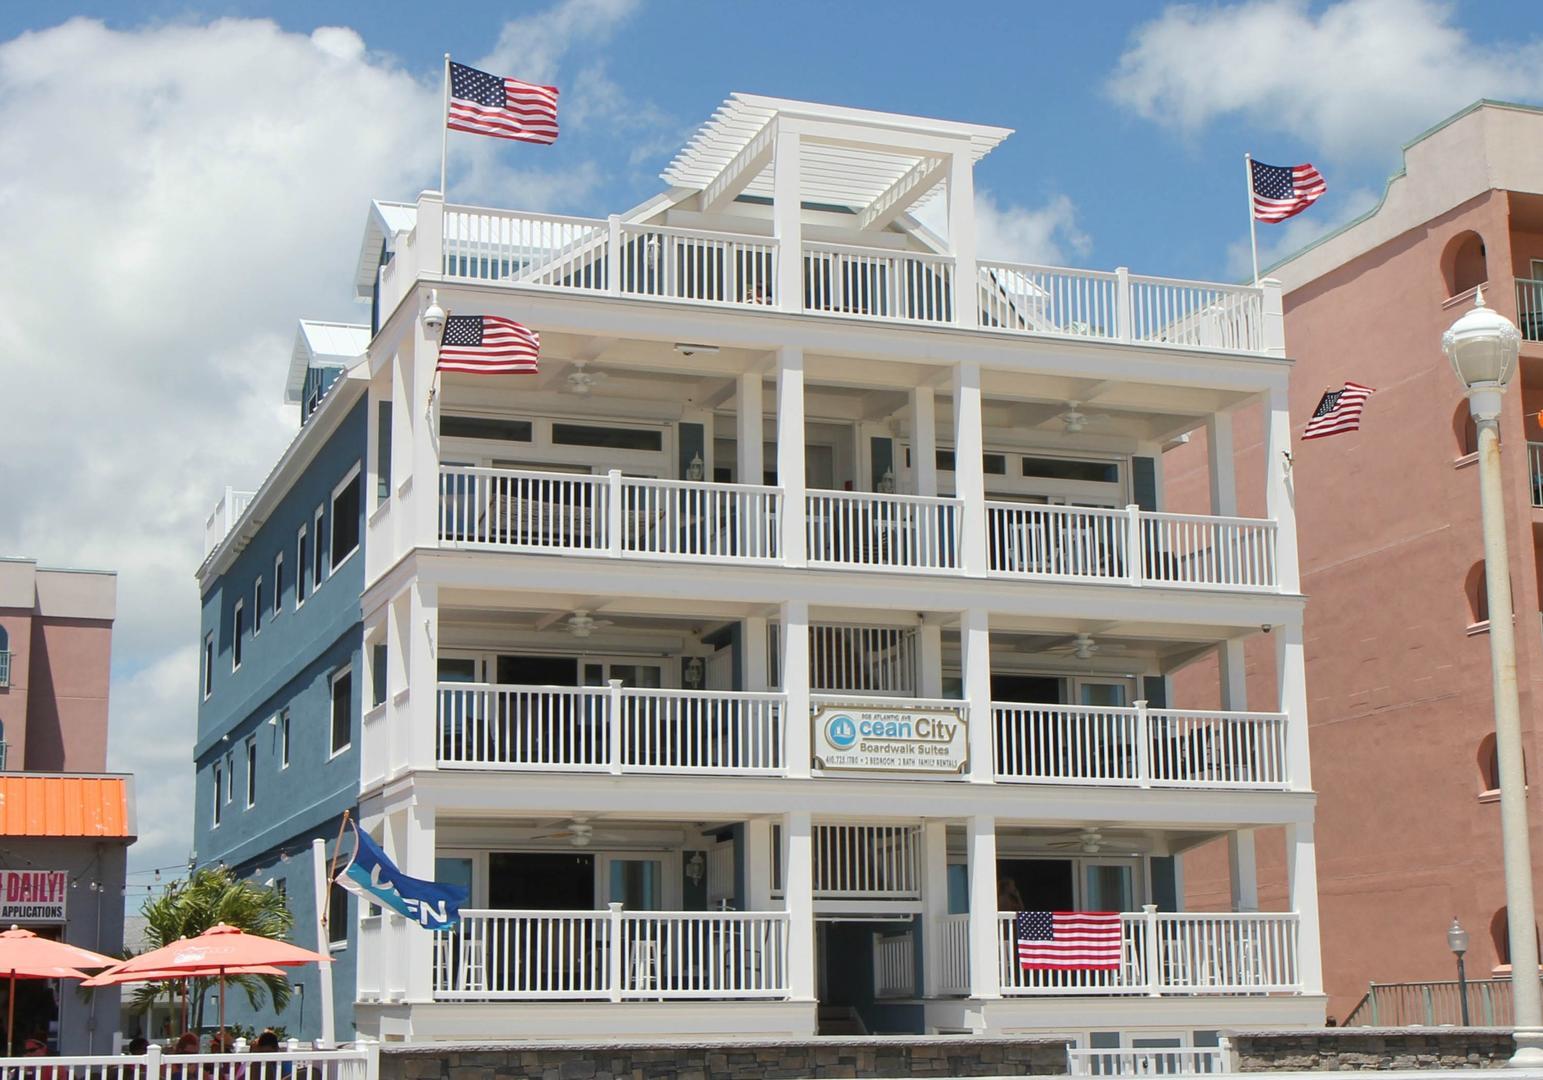 OC Boardwalk Suites - Exterior